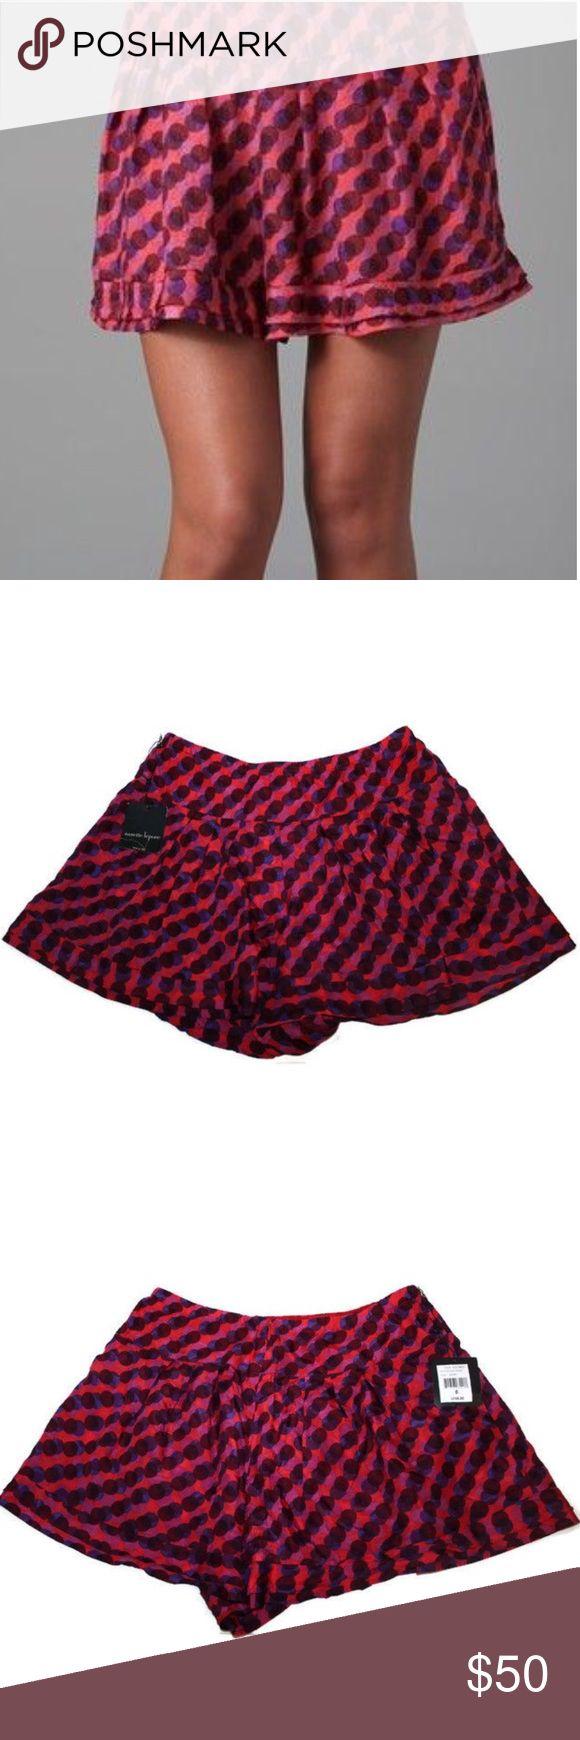 """Nanette Lepore 100% Silk Tattletale Short NWT Nanette Lepore Size 6 Tattletale Short in Berry.                     New with Tags                                                        100% Silk                                                                  Inseam: 3.5"""", Waist Across: 15"""", Rise: 11"""" Nanette Lepore Shorts"""